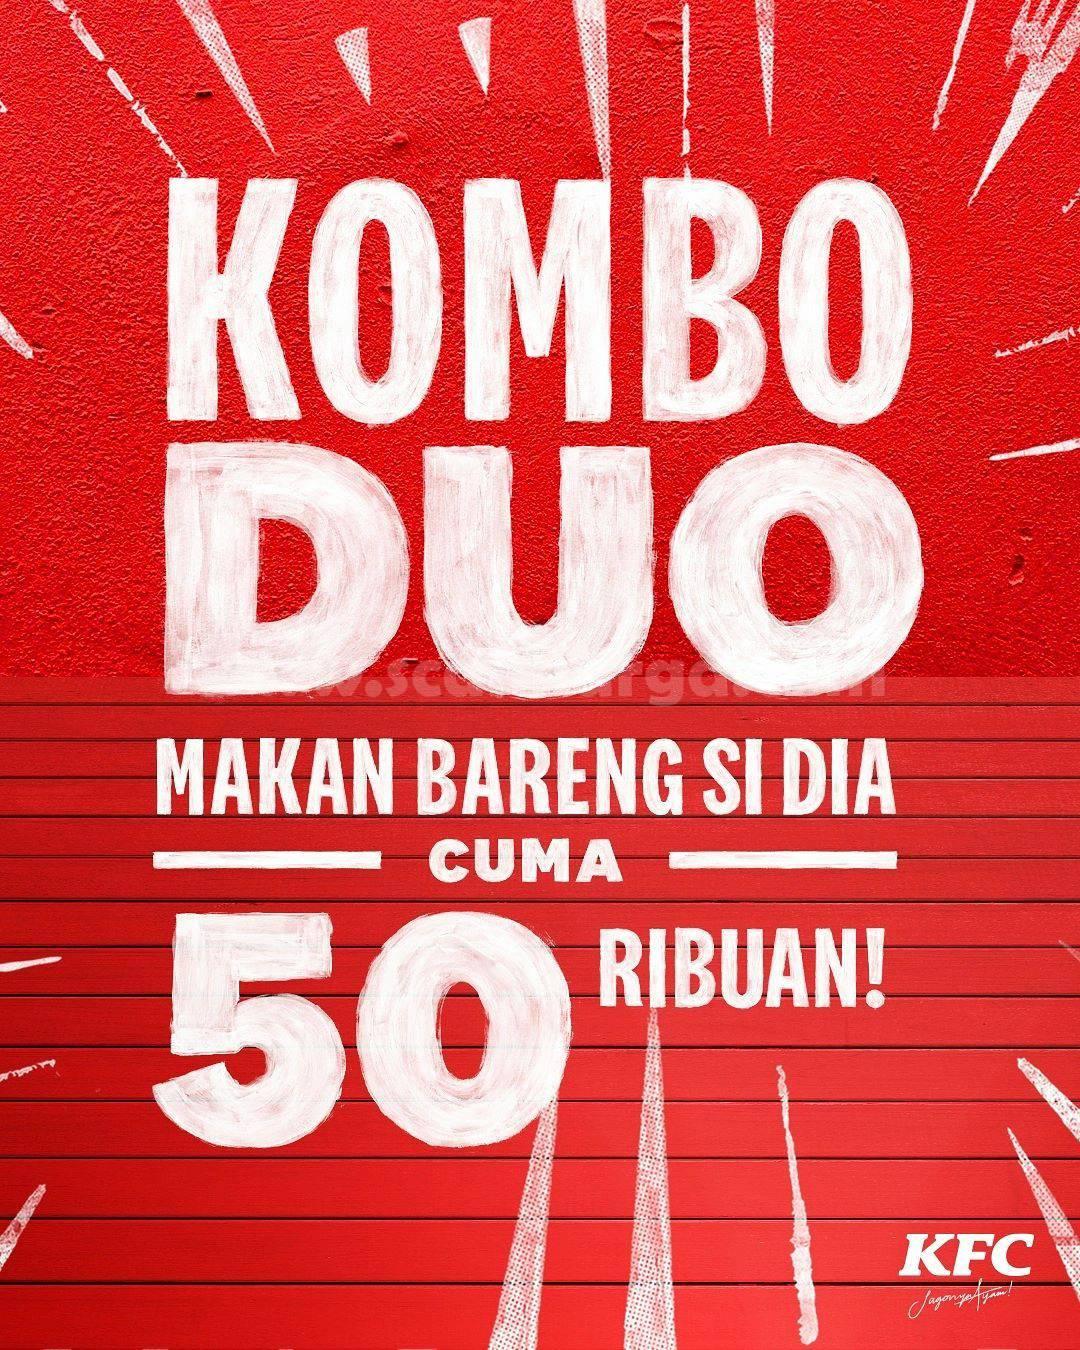 Promo KFC KOMBO DUO Harga Paket CUMA 50 Ribuan!